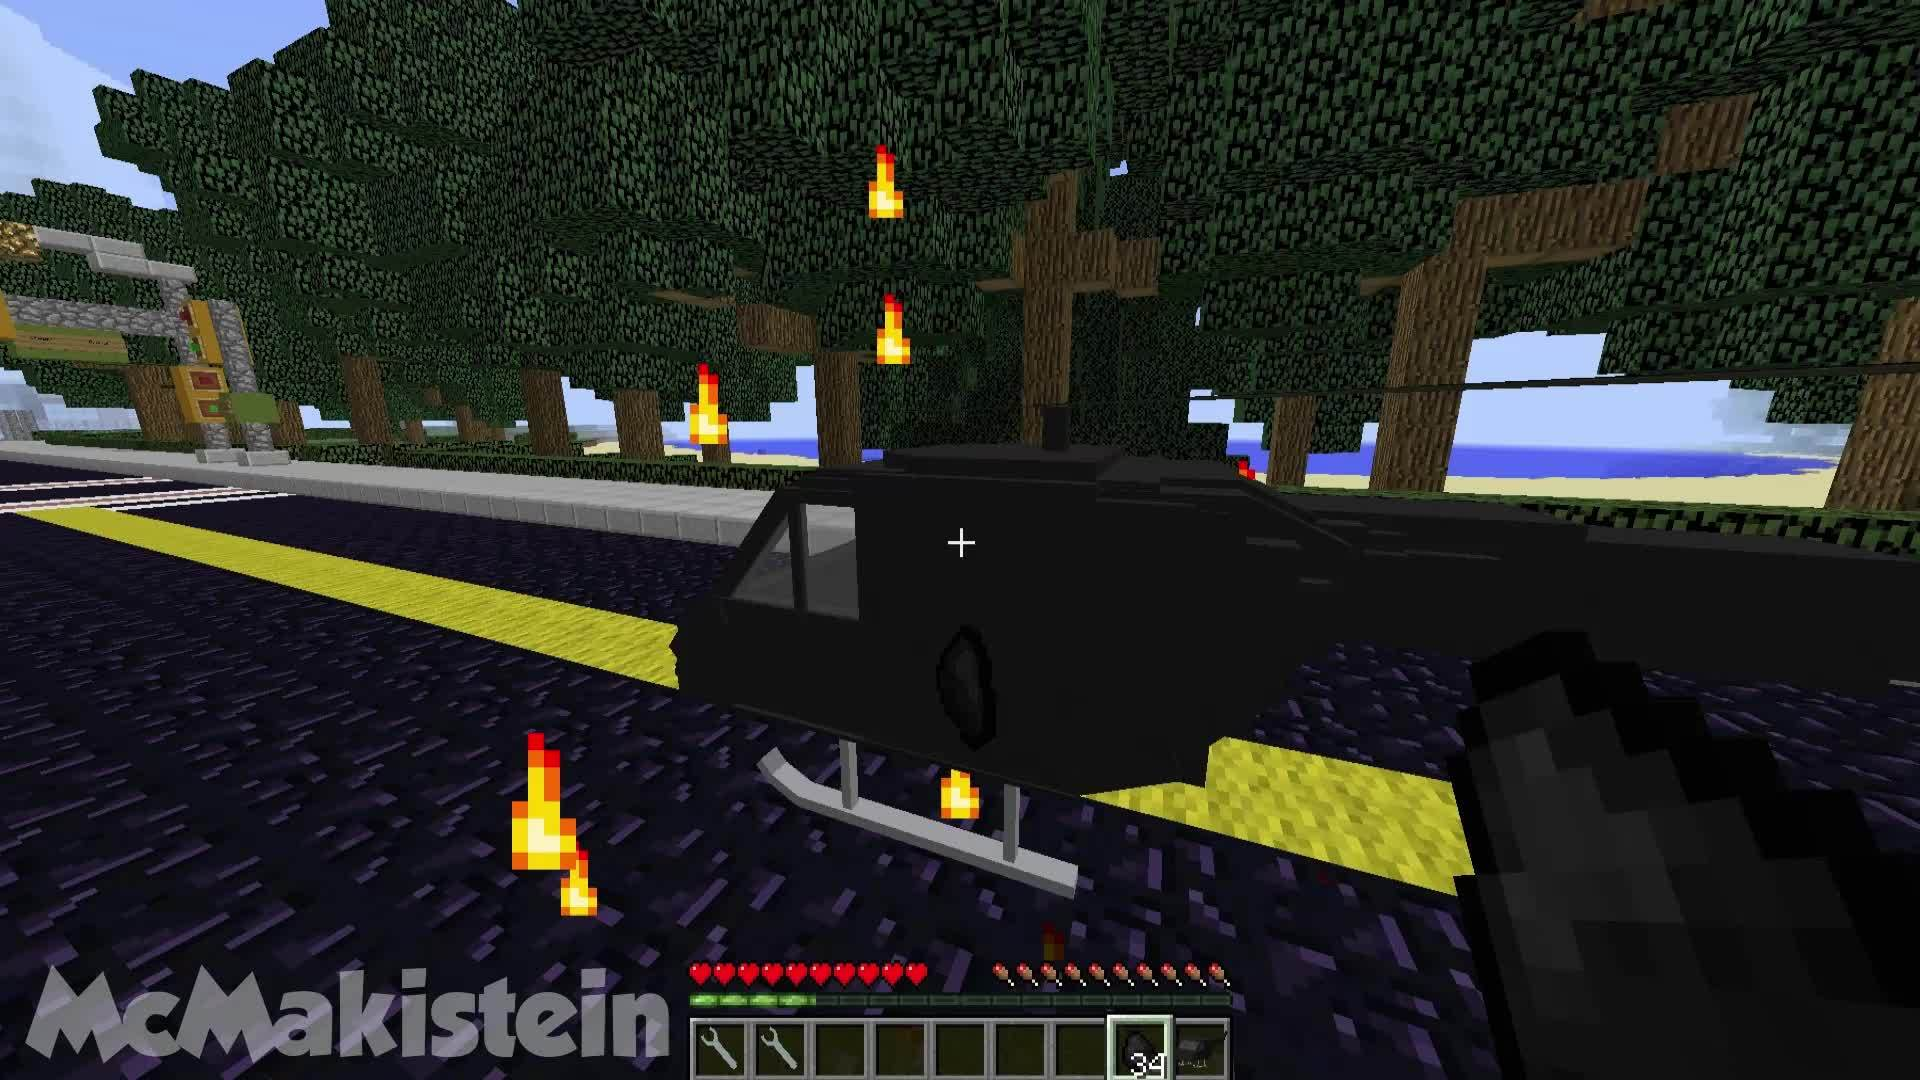 minecraft, Helicopters in Vanilla Minecraft GIFs